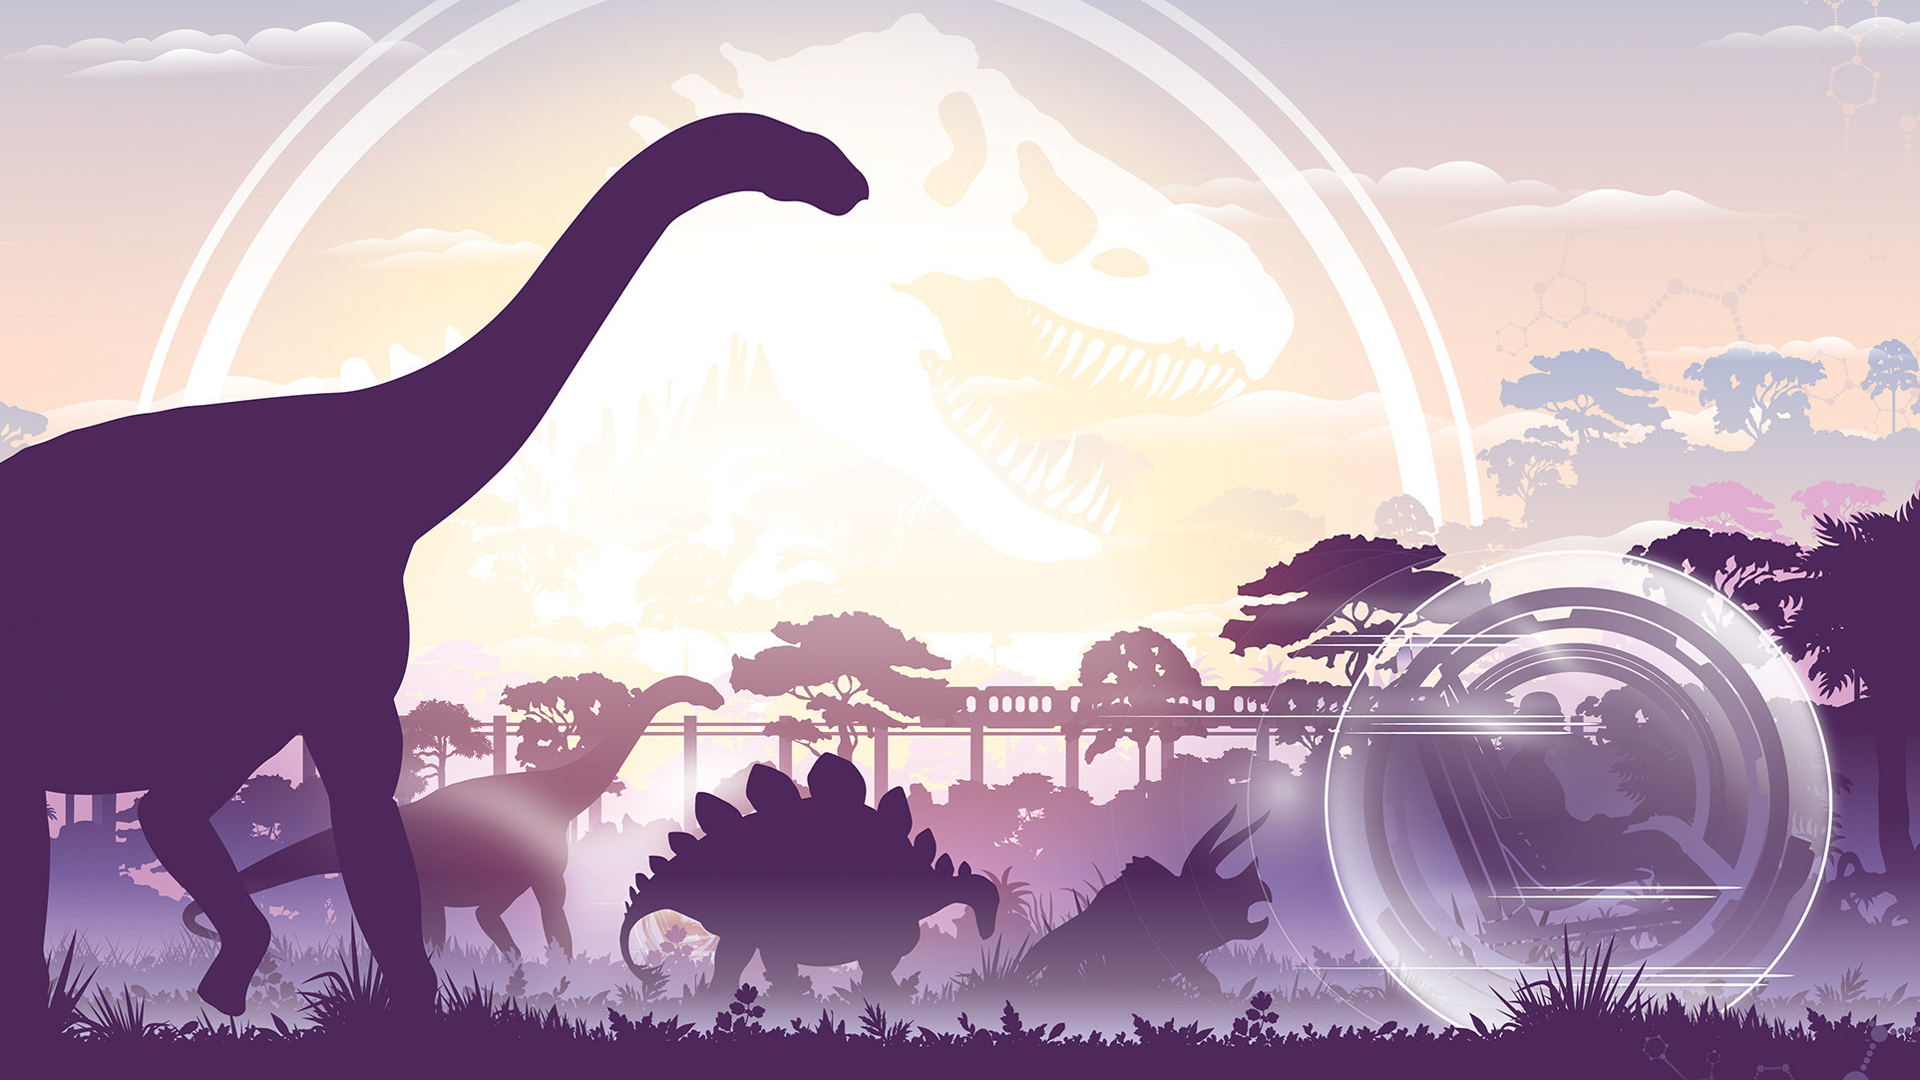 Jurassic world fond d 39 cran hd arri re plan 1920x1080 id 691387 wallpaper abyss - Telecharger jurassic park 4 ...